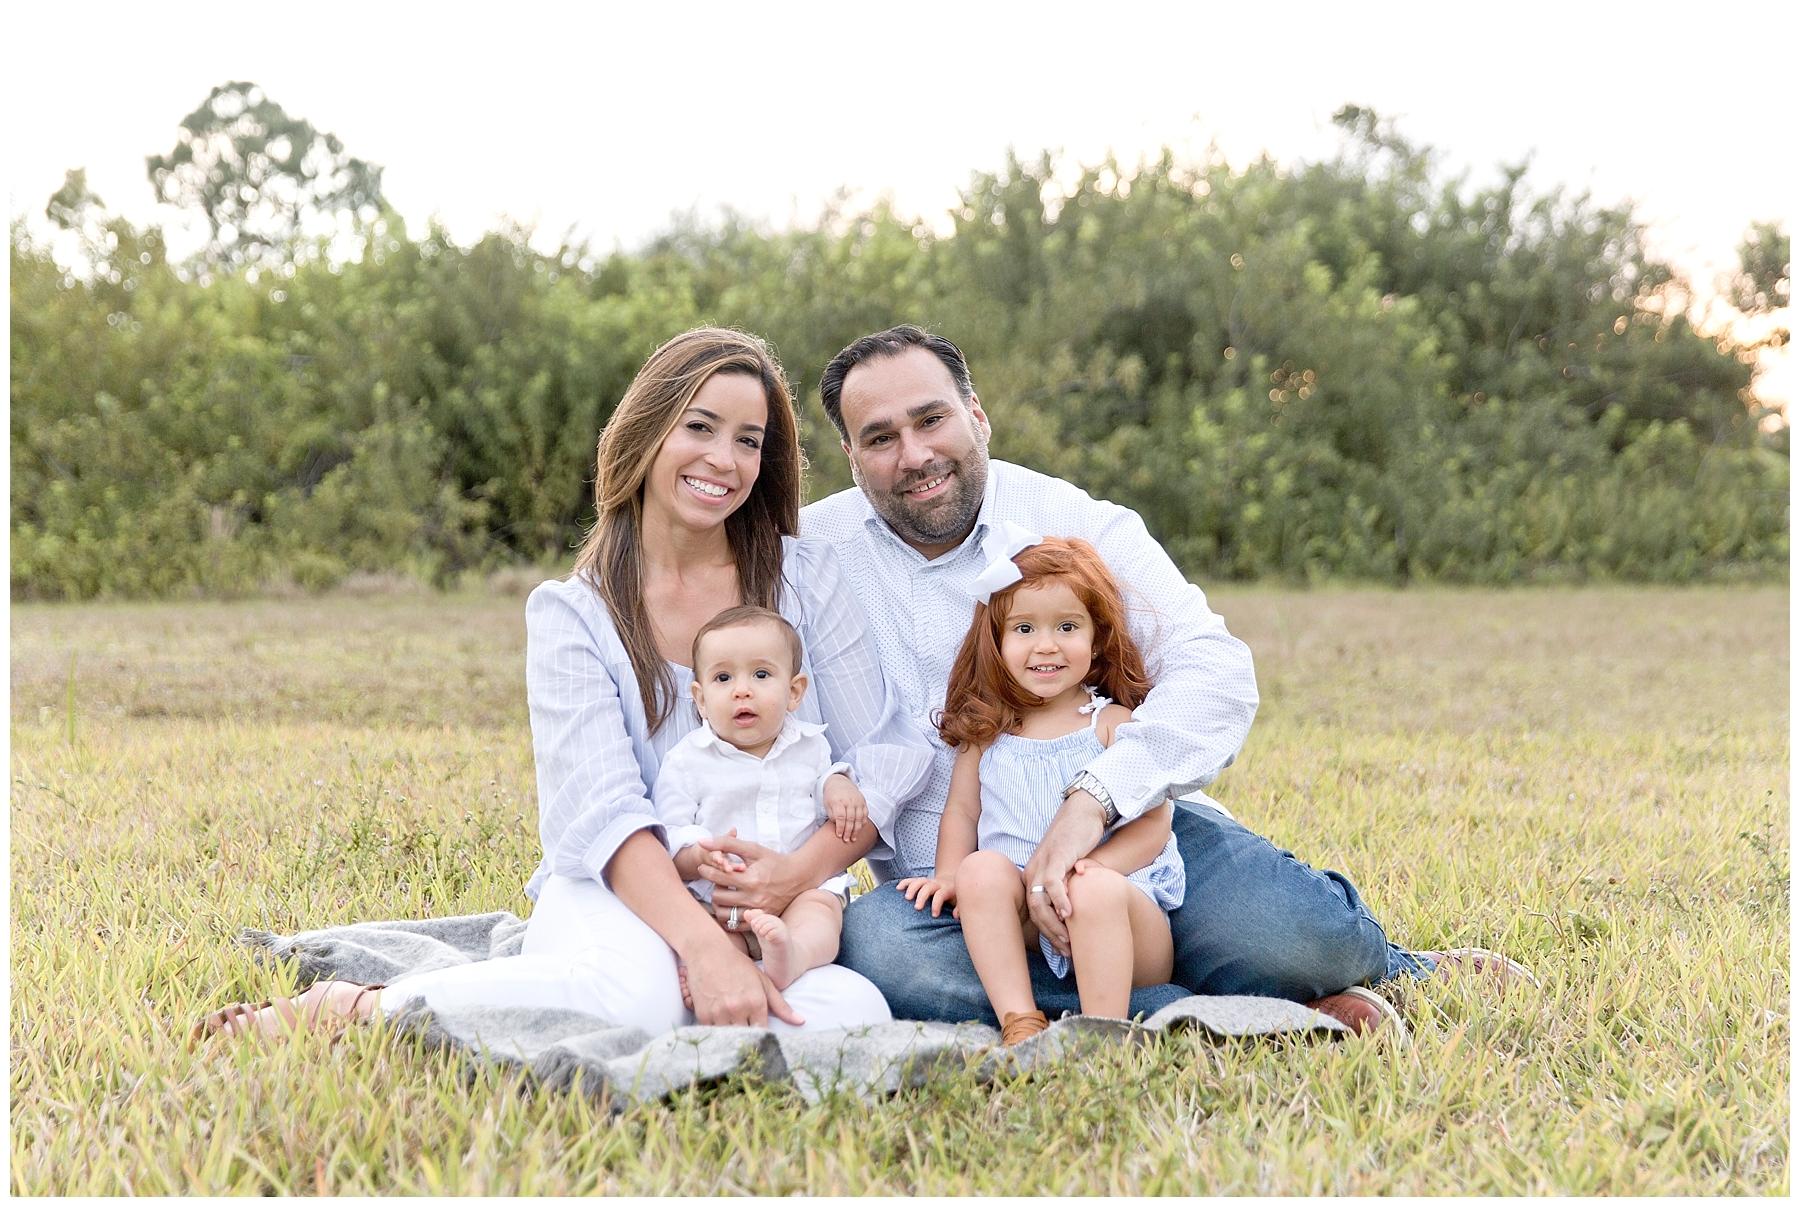 family photography miami